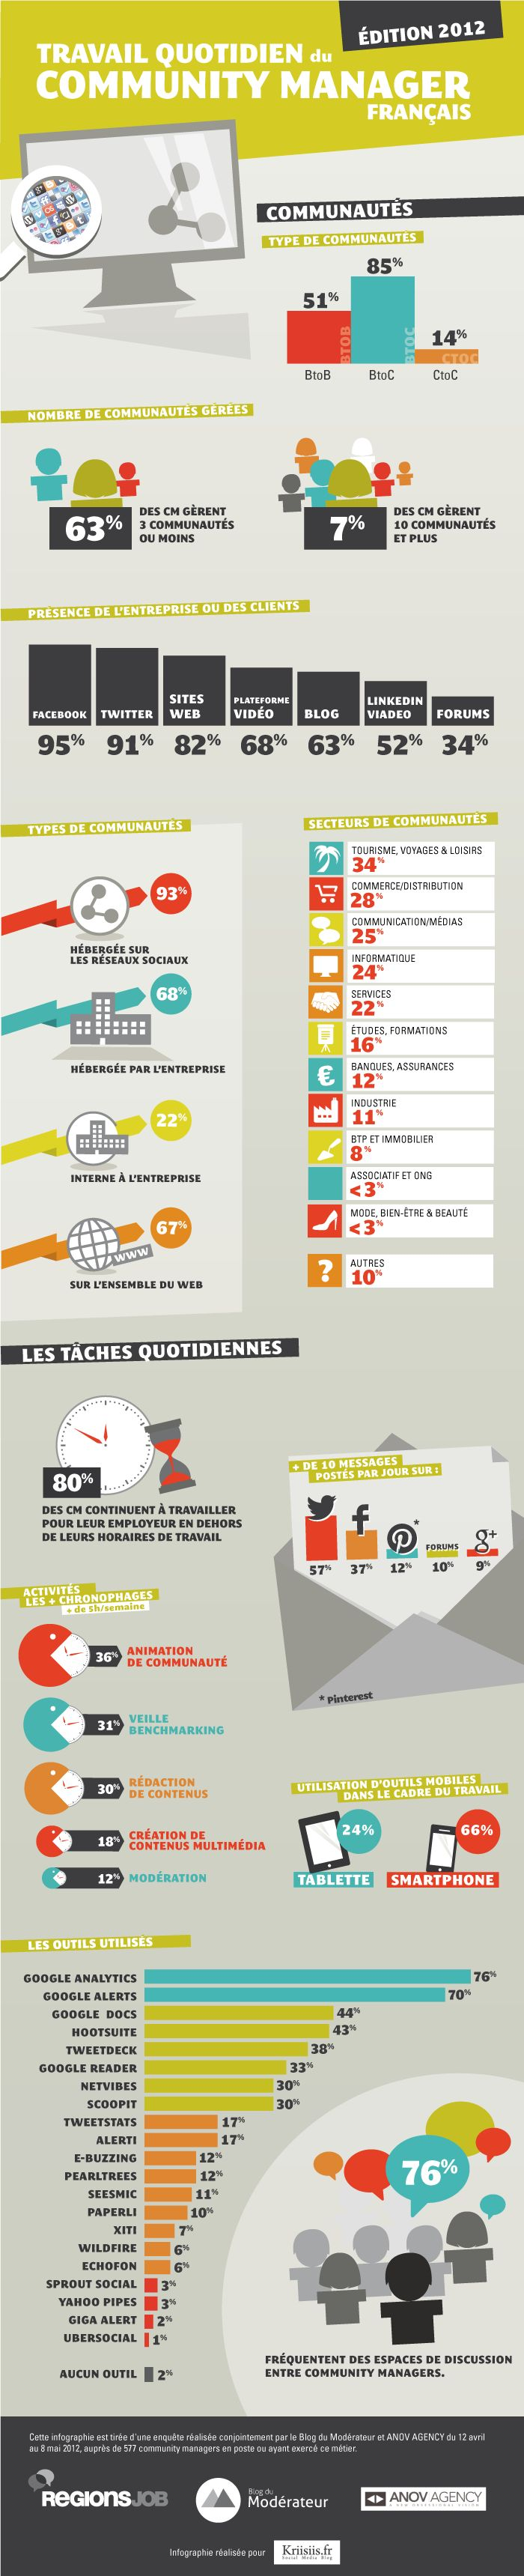 {Infographie}Le travail quotidien du community manager français #SocialMedia #CM #Etude